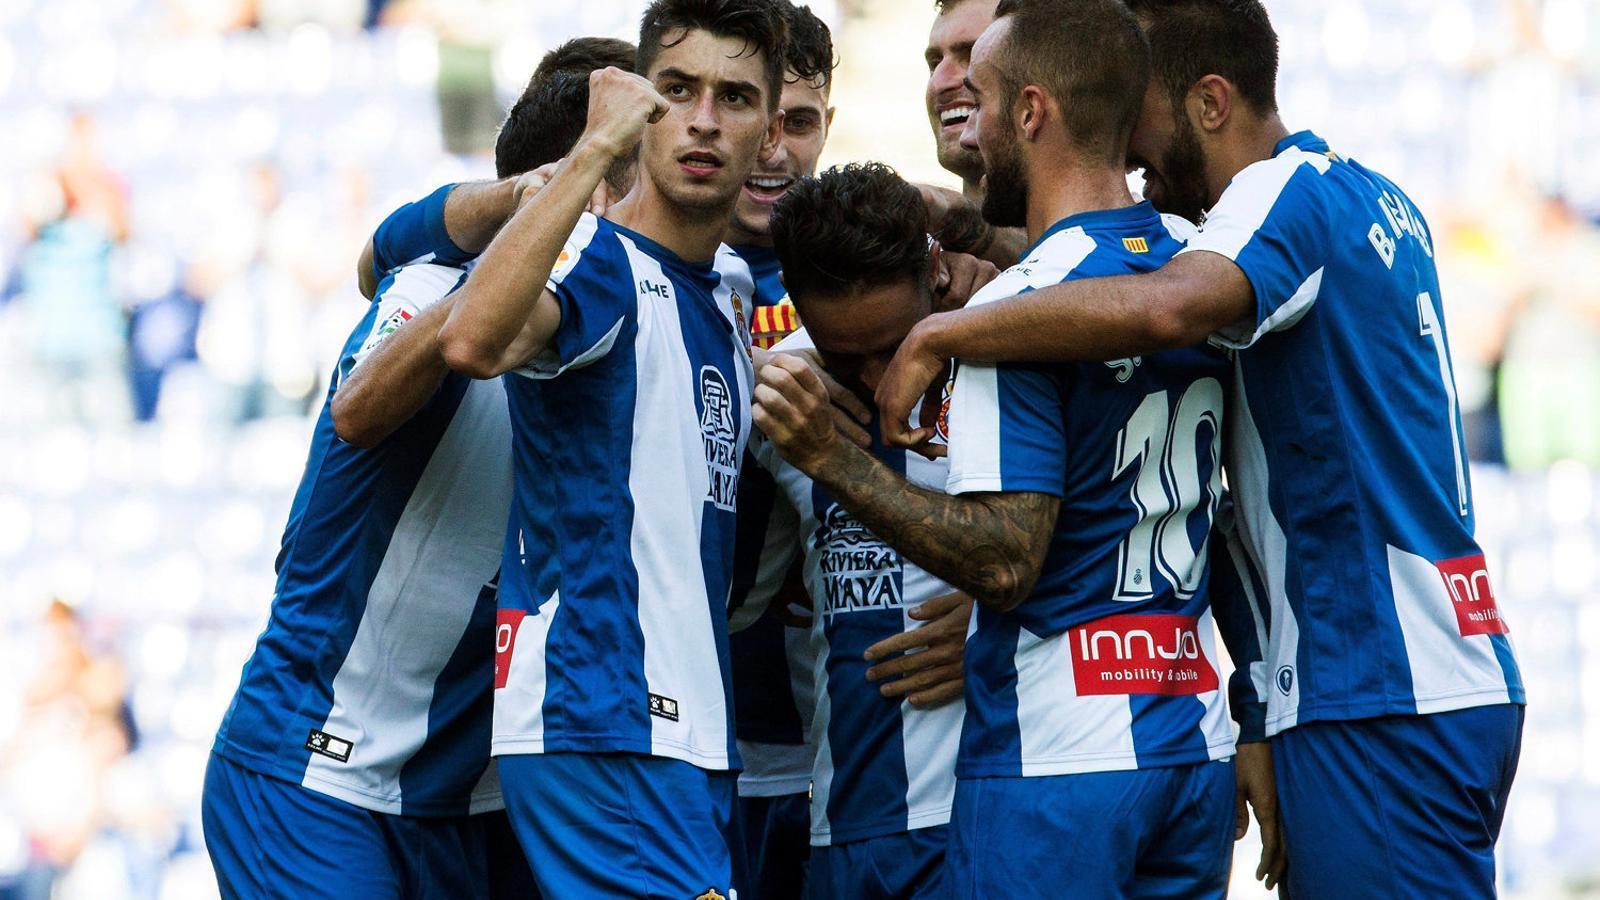 Els jugadors de l'Espanyol celebren amb entusiasme un gol contra el Llevant.